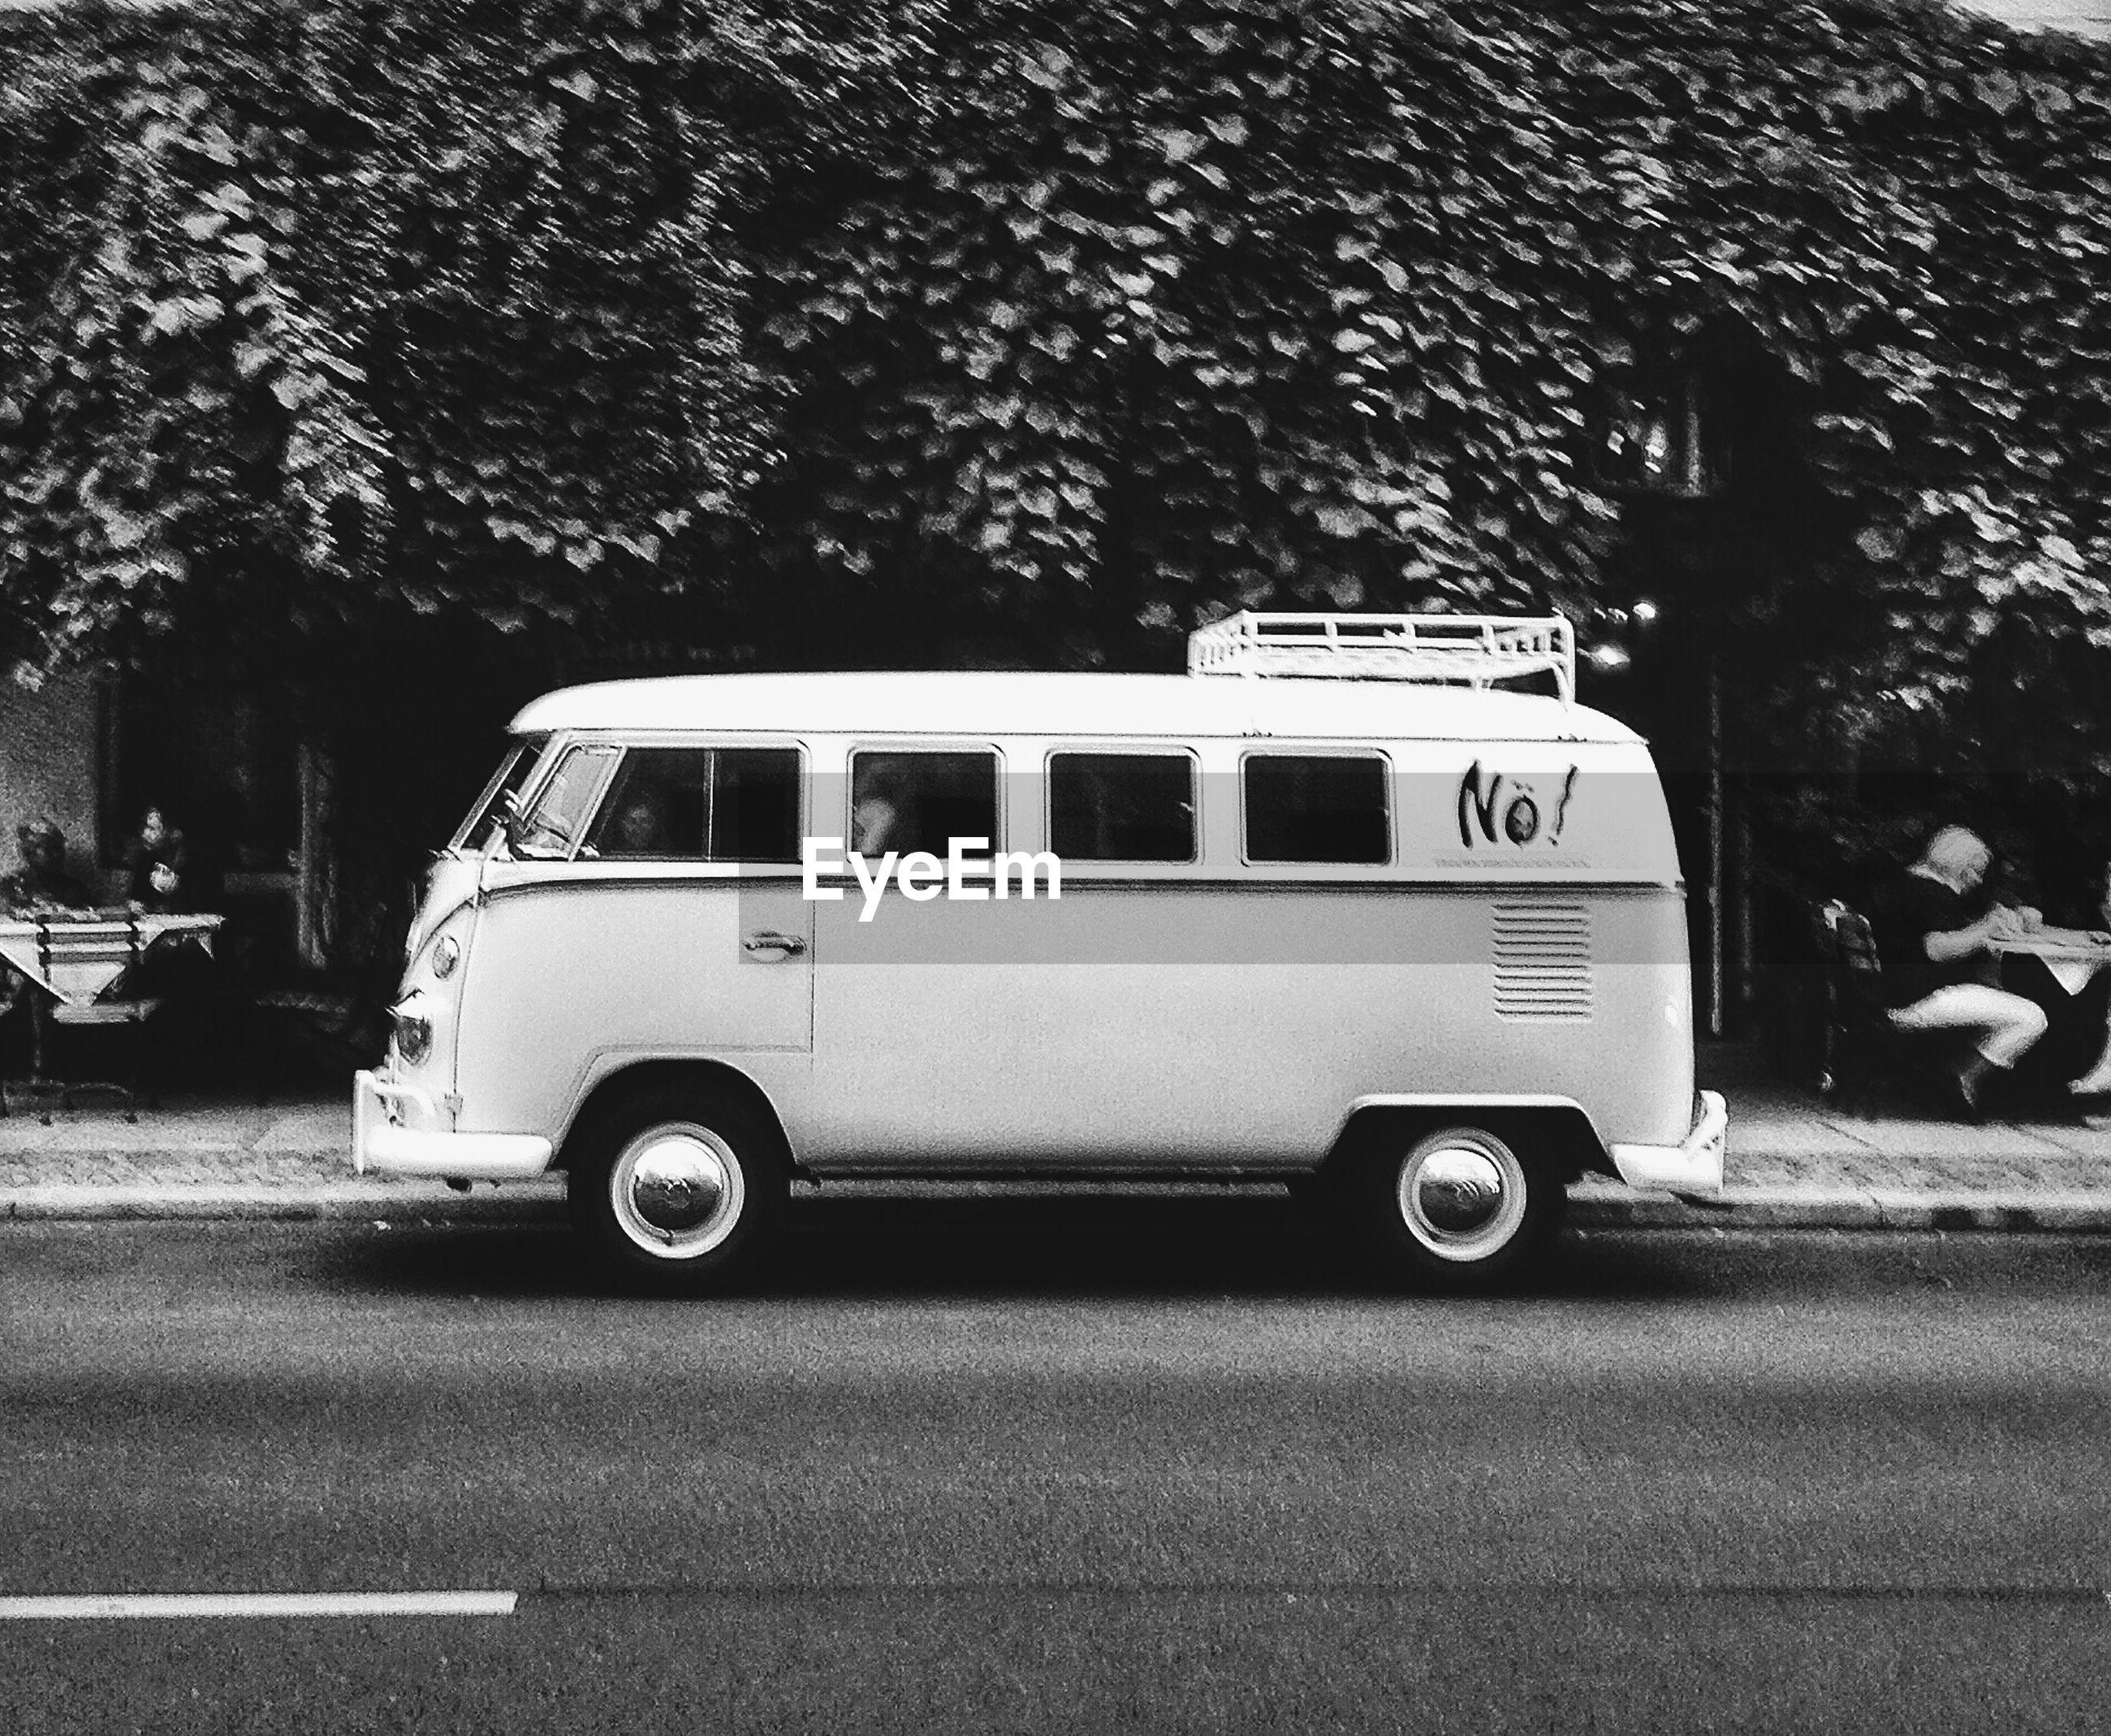 Van on road against trees